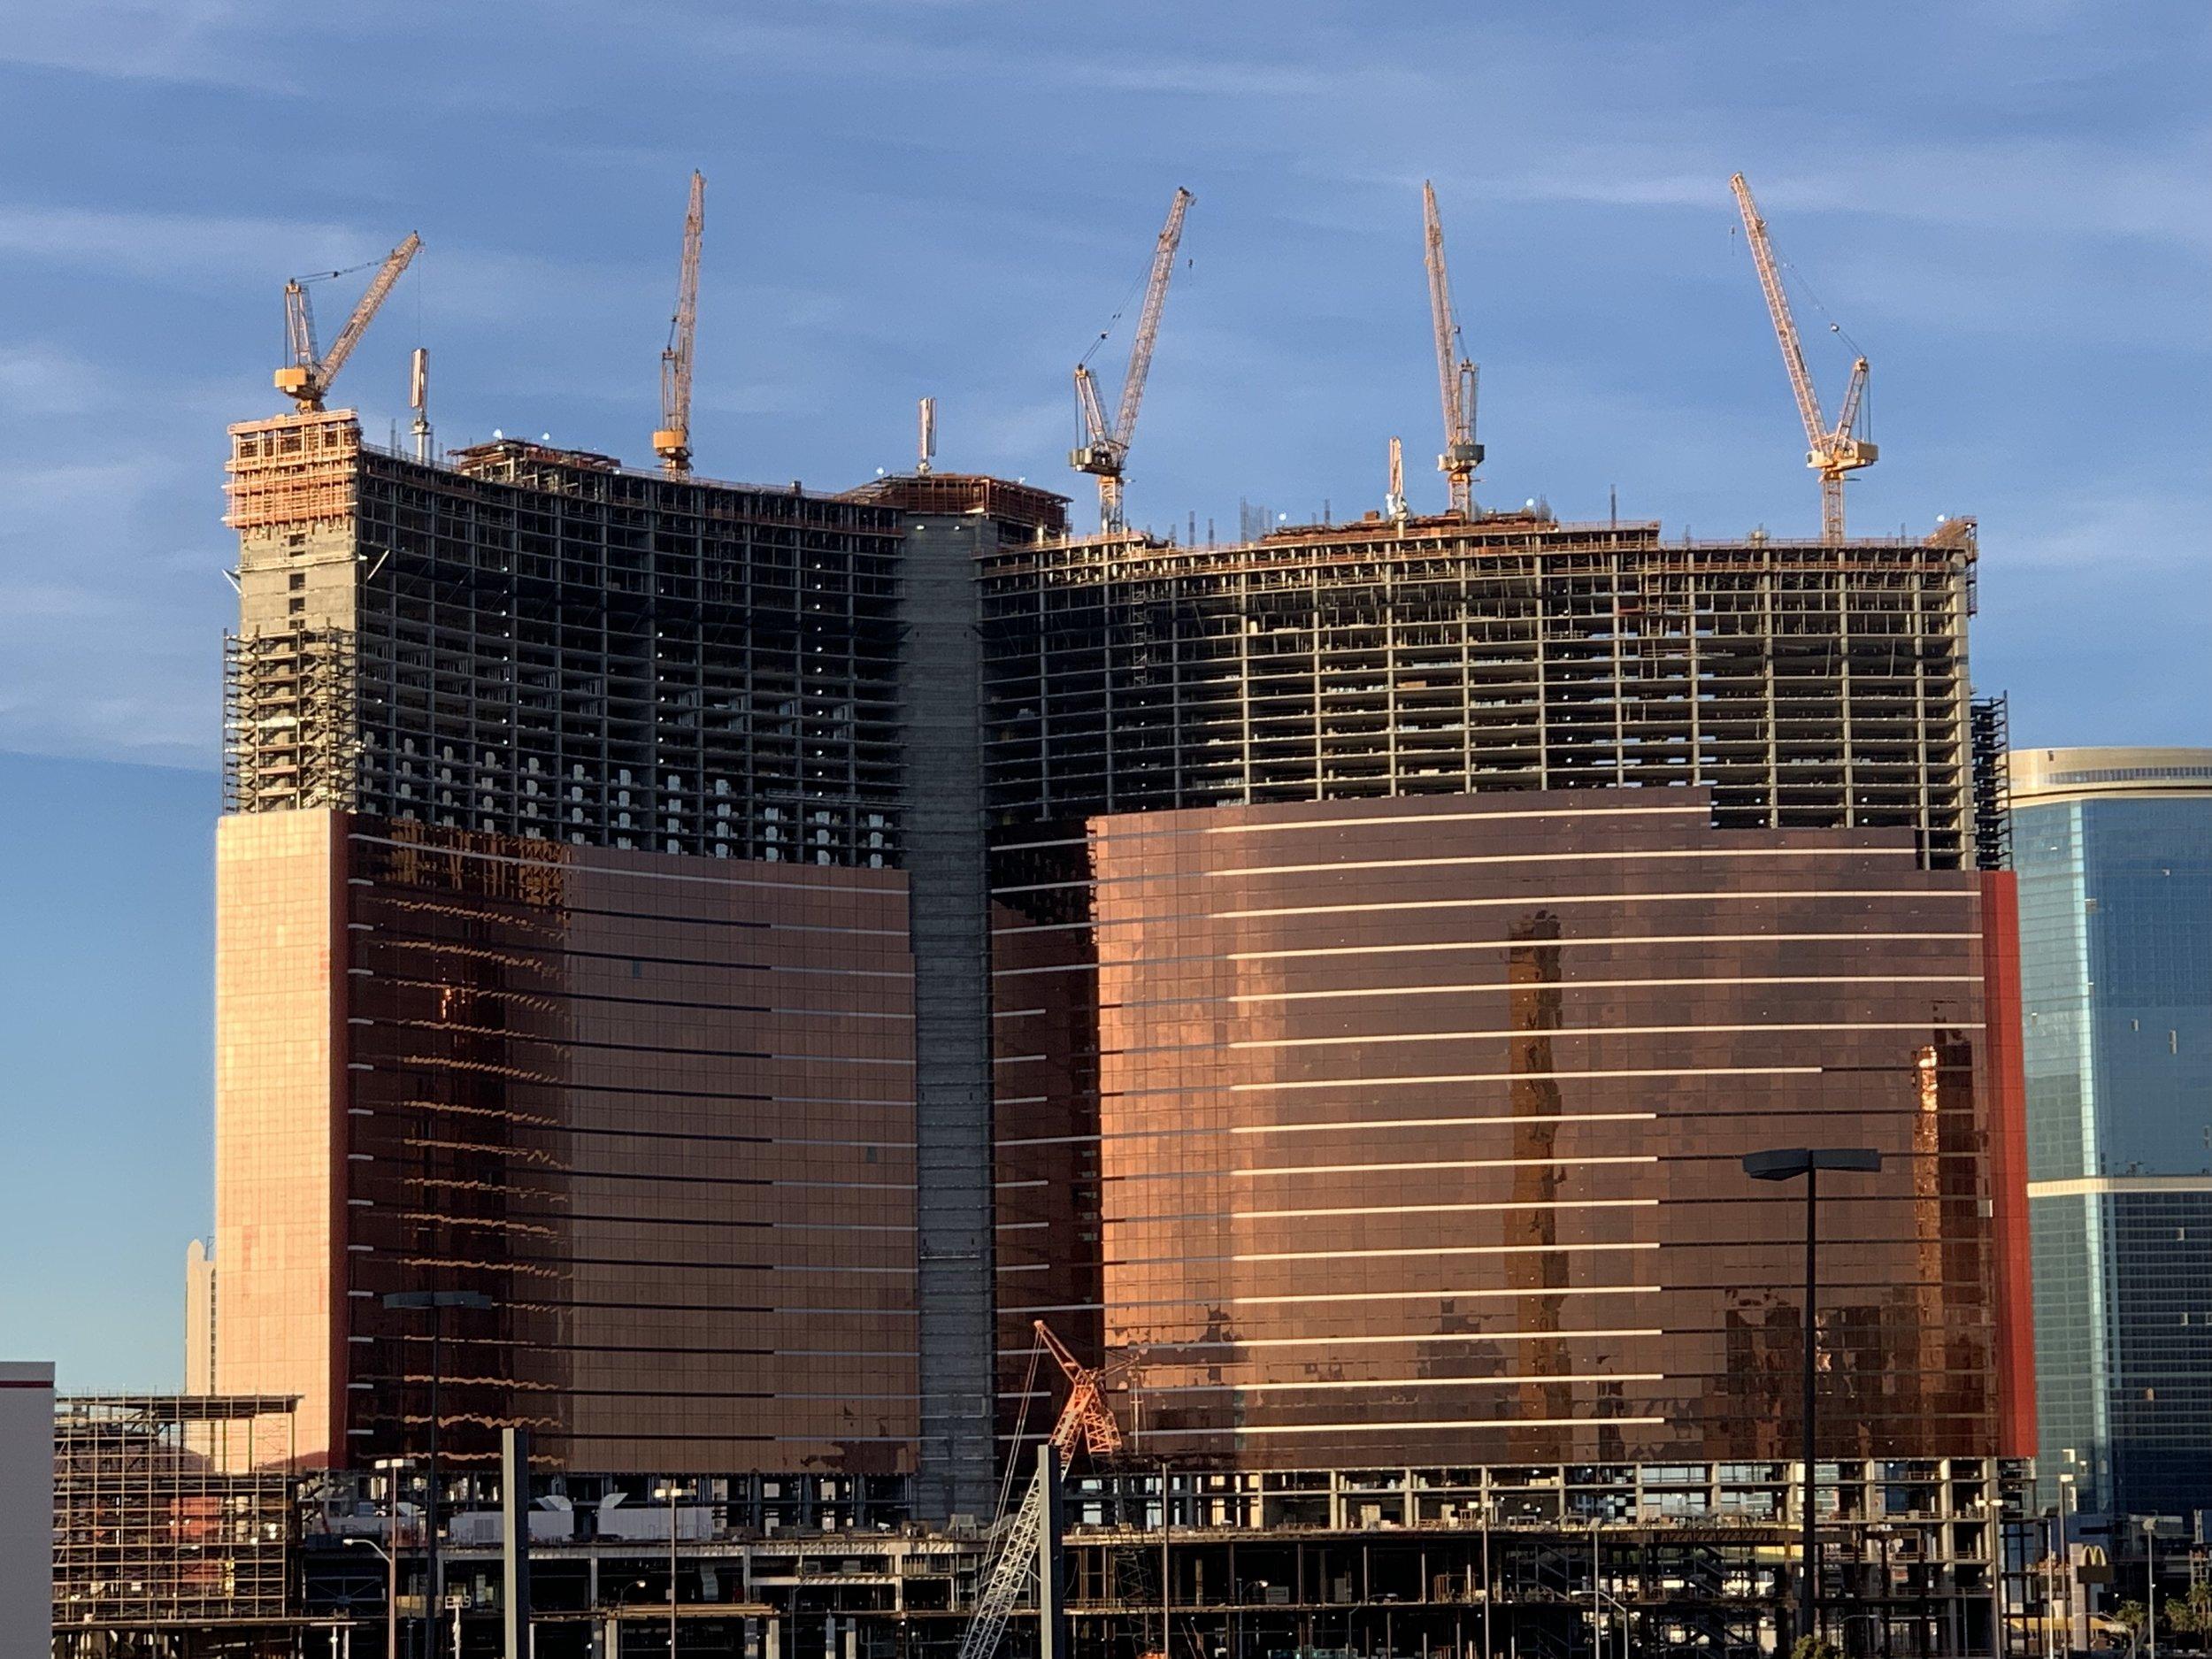 """Ähnelt dem """"Wynn"""", aber nicht so sehr, dass nicht weitergebaut werden kann: """"Resorts World Las Vegas""""."""